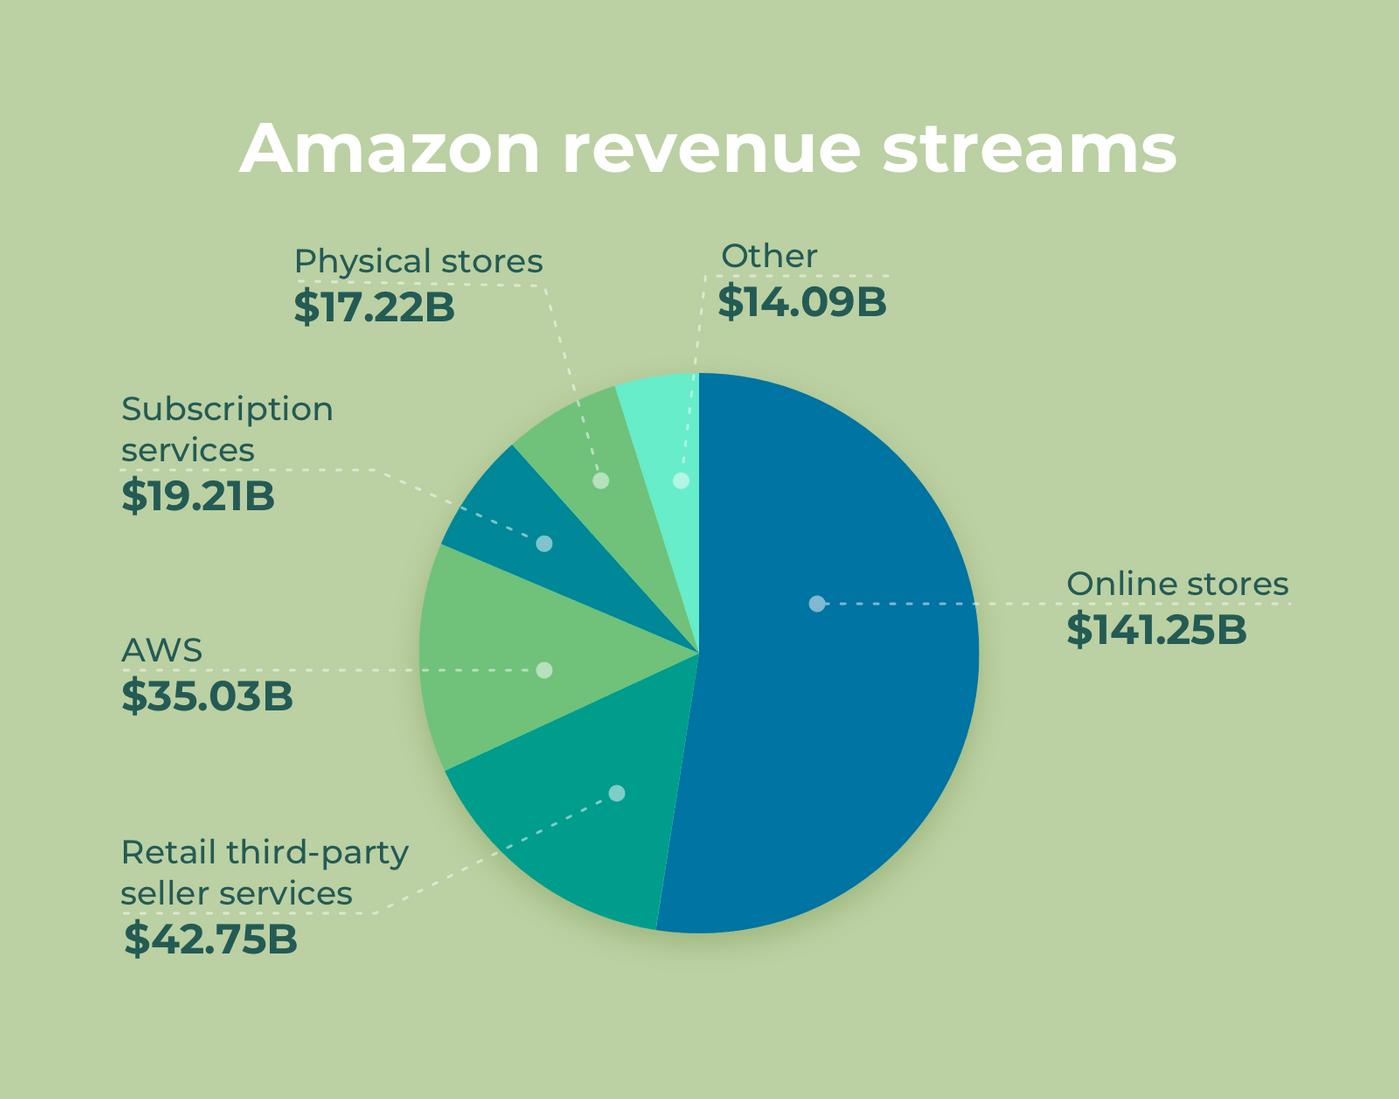 Amazon revenue streams